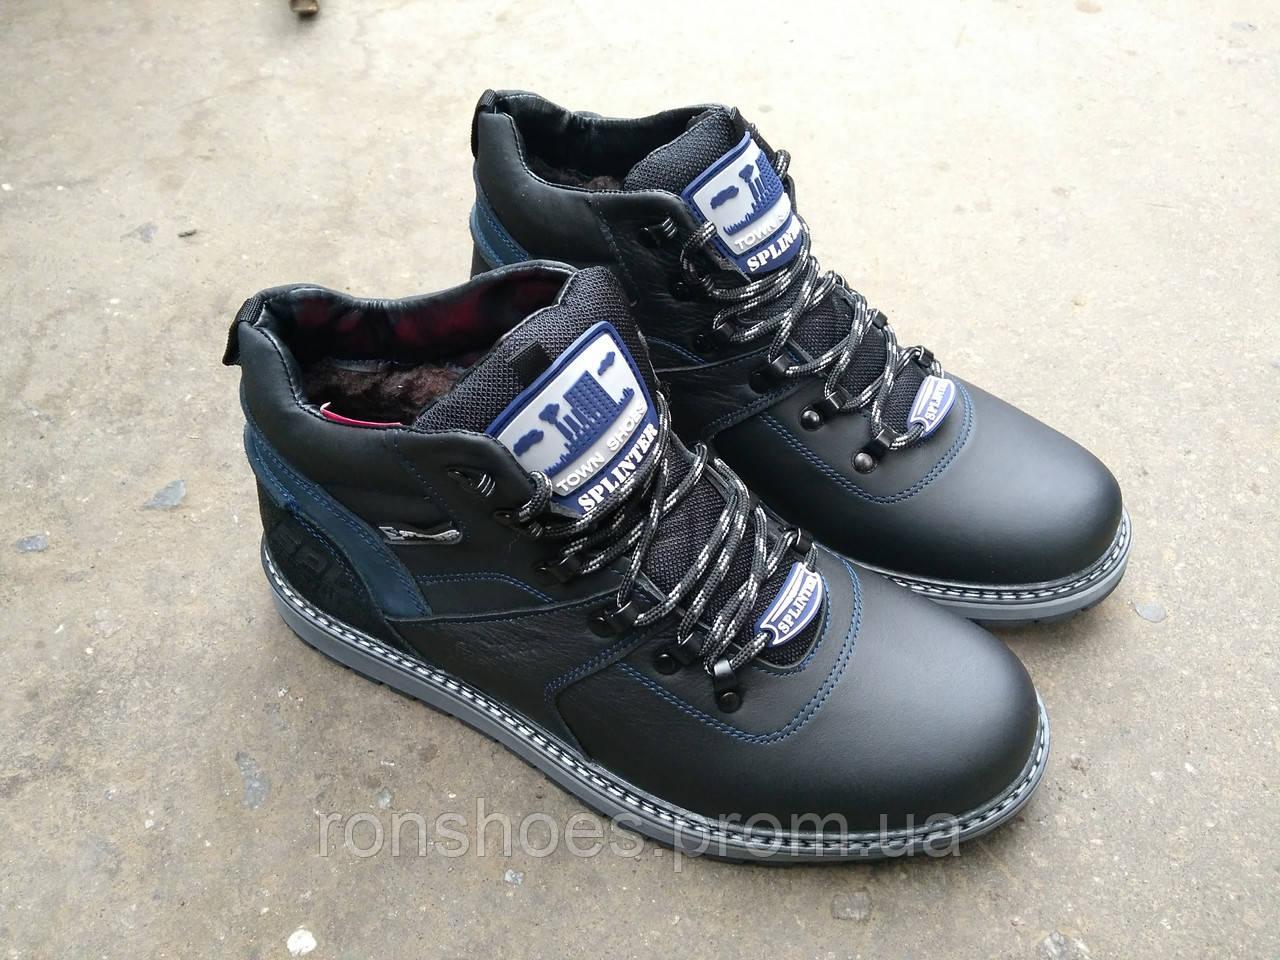 c5592dda Мужские зимние спортивные кроссовки Splinter из натуральной кожи и меха -